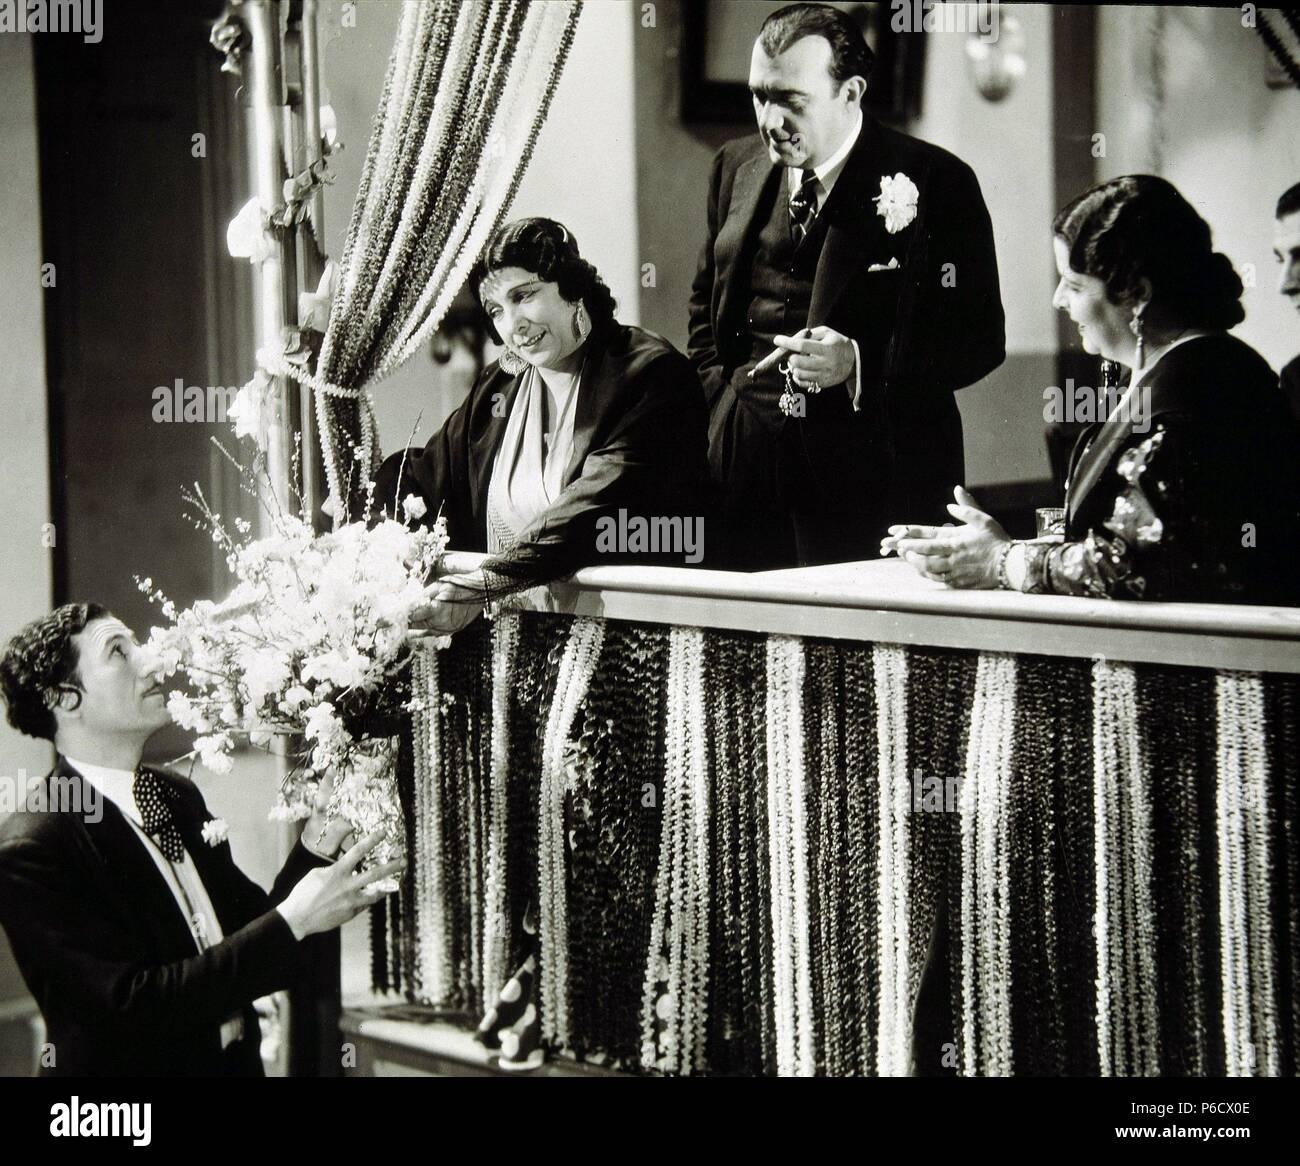 Pelicula Maria De La O 1936 Basada En La Novela Homonima De Rafael De Leon Director Francisco Elias Actores Pastora Imperio Stock Photo Alamy